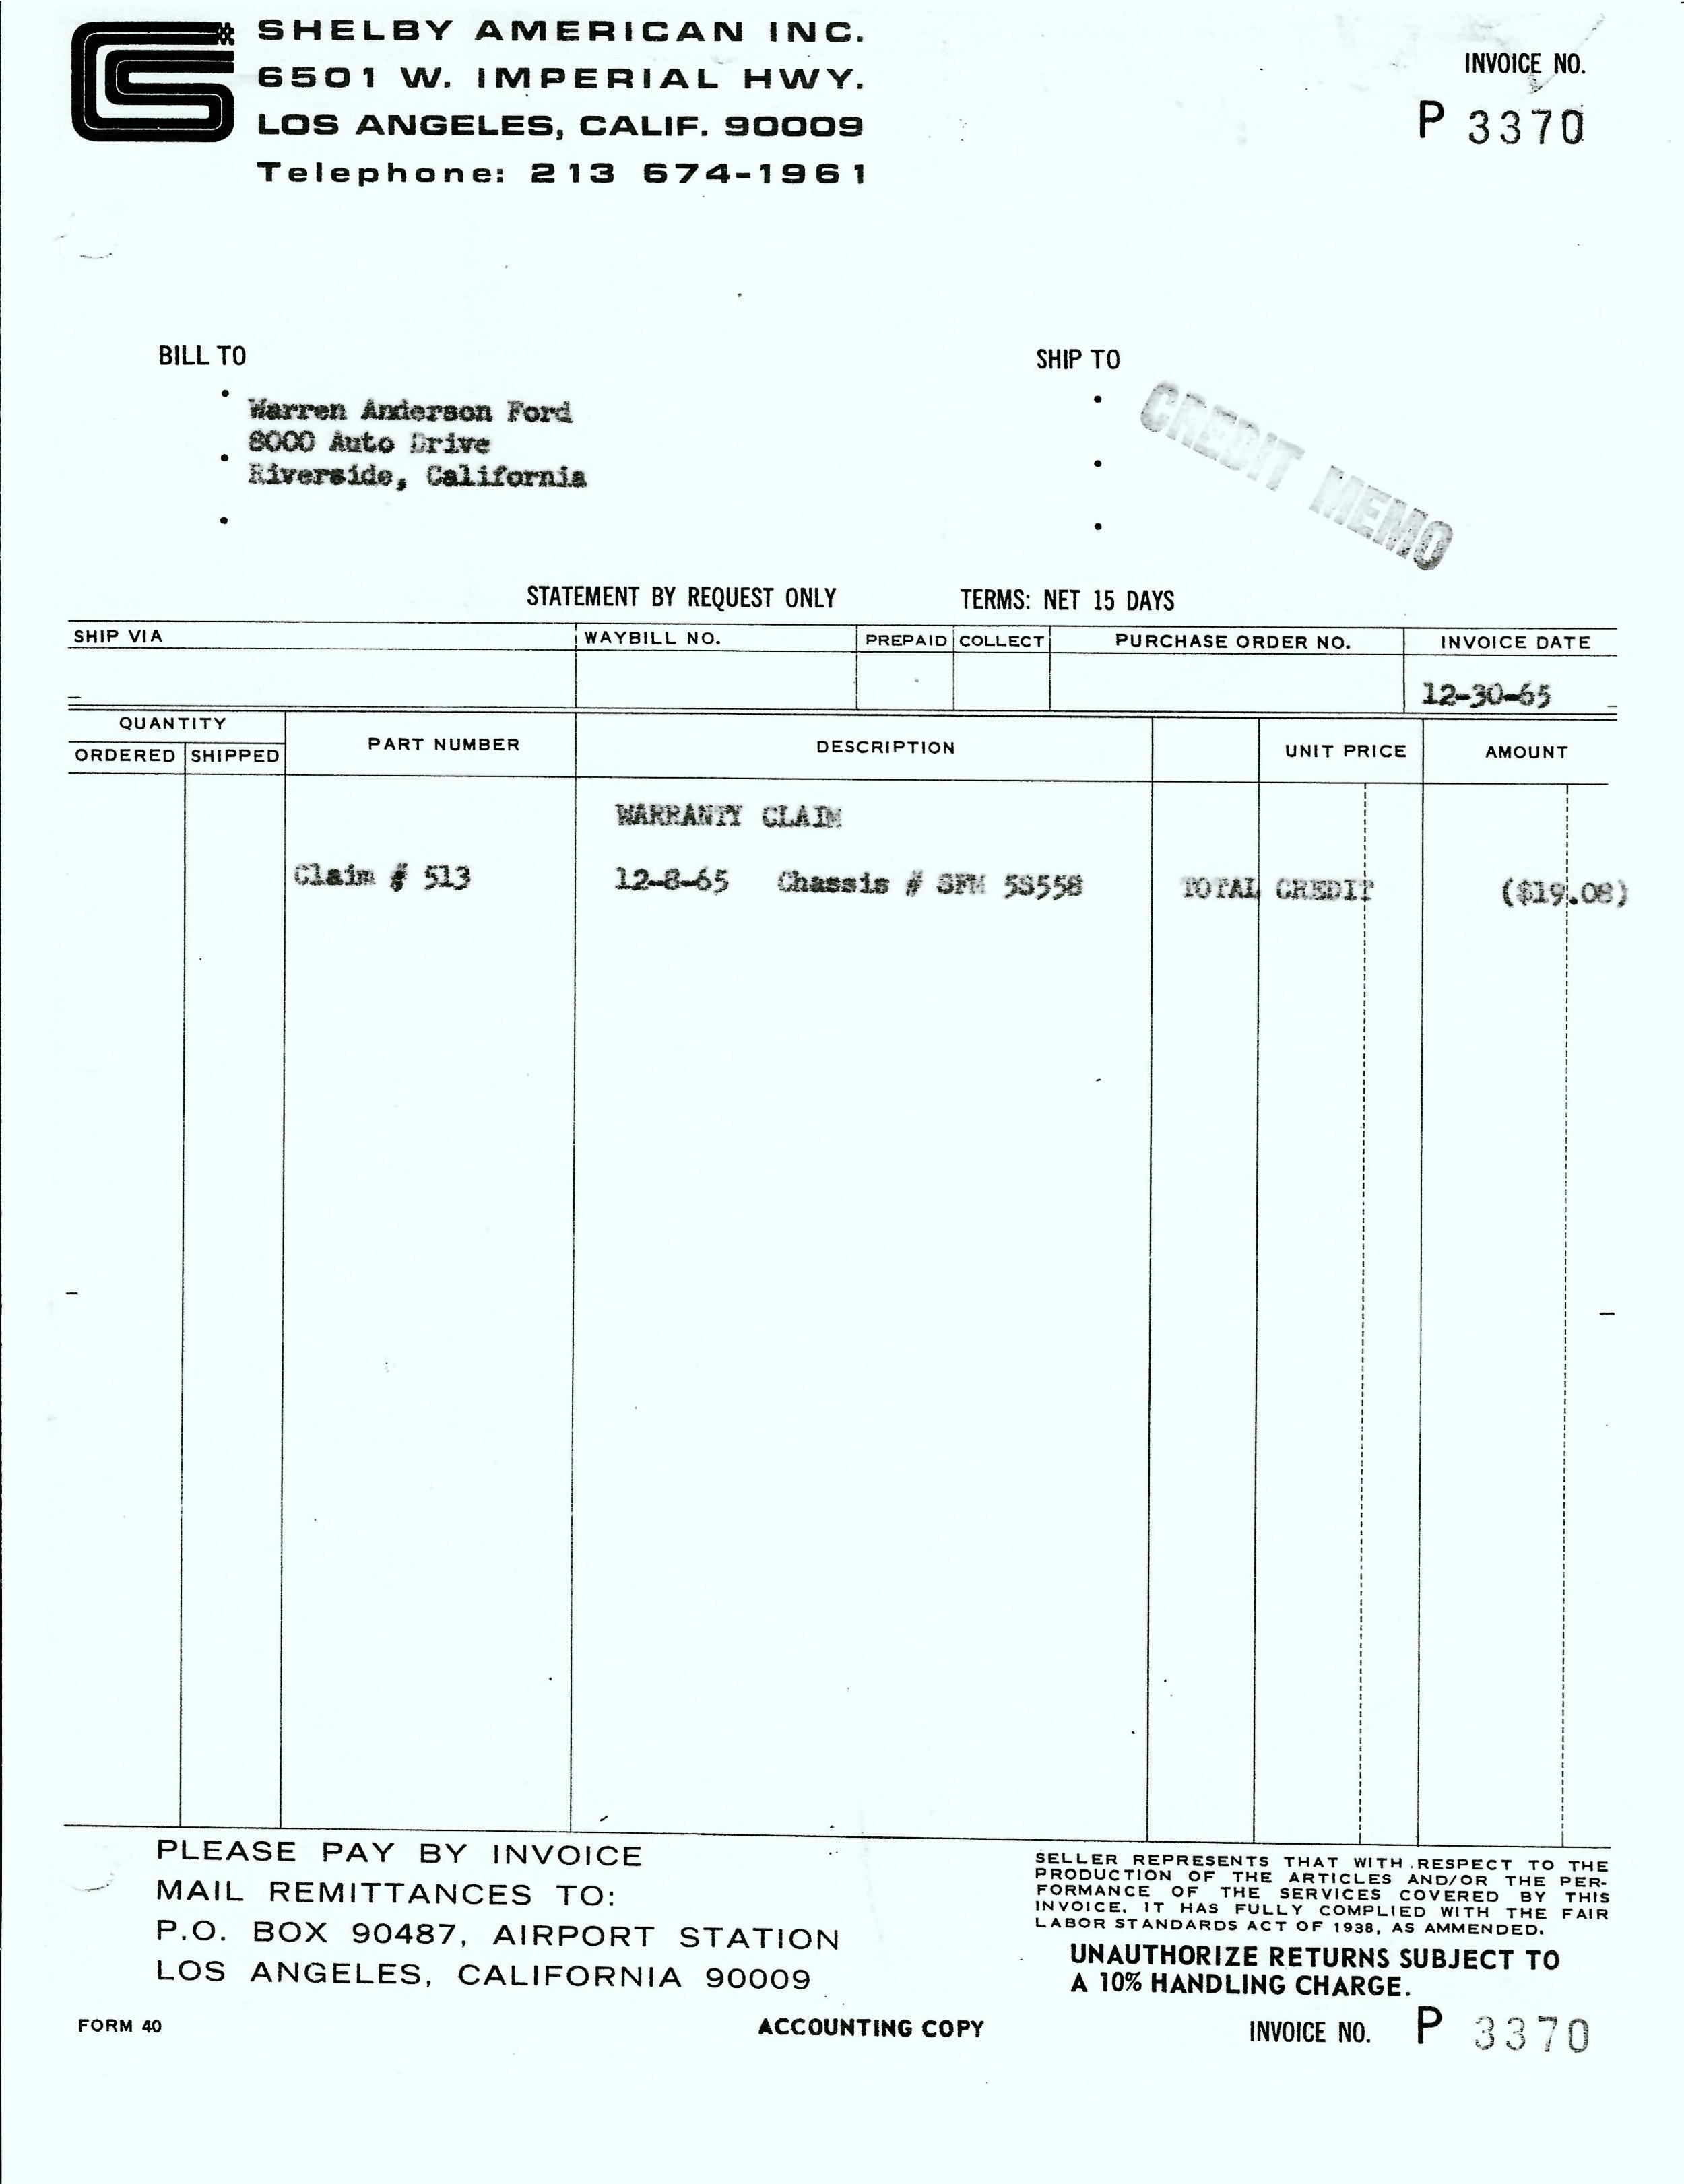 1965 12-30 SAAC Invoice P3370 Credit Memo.jpeg